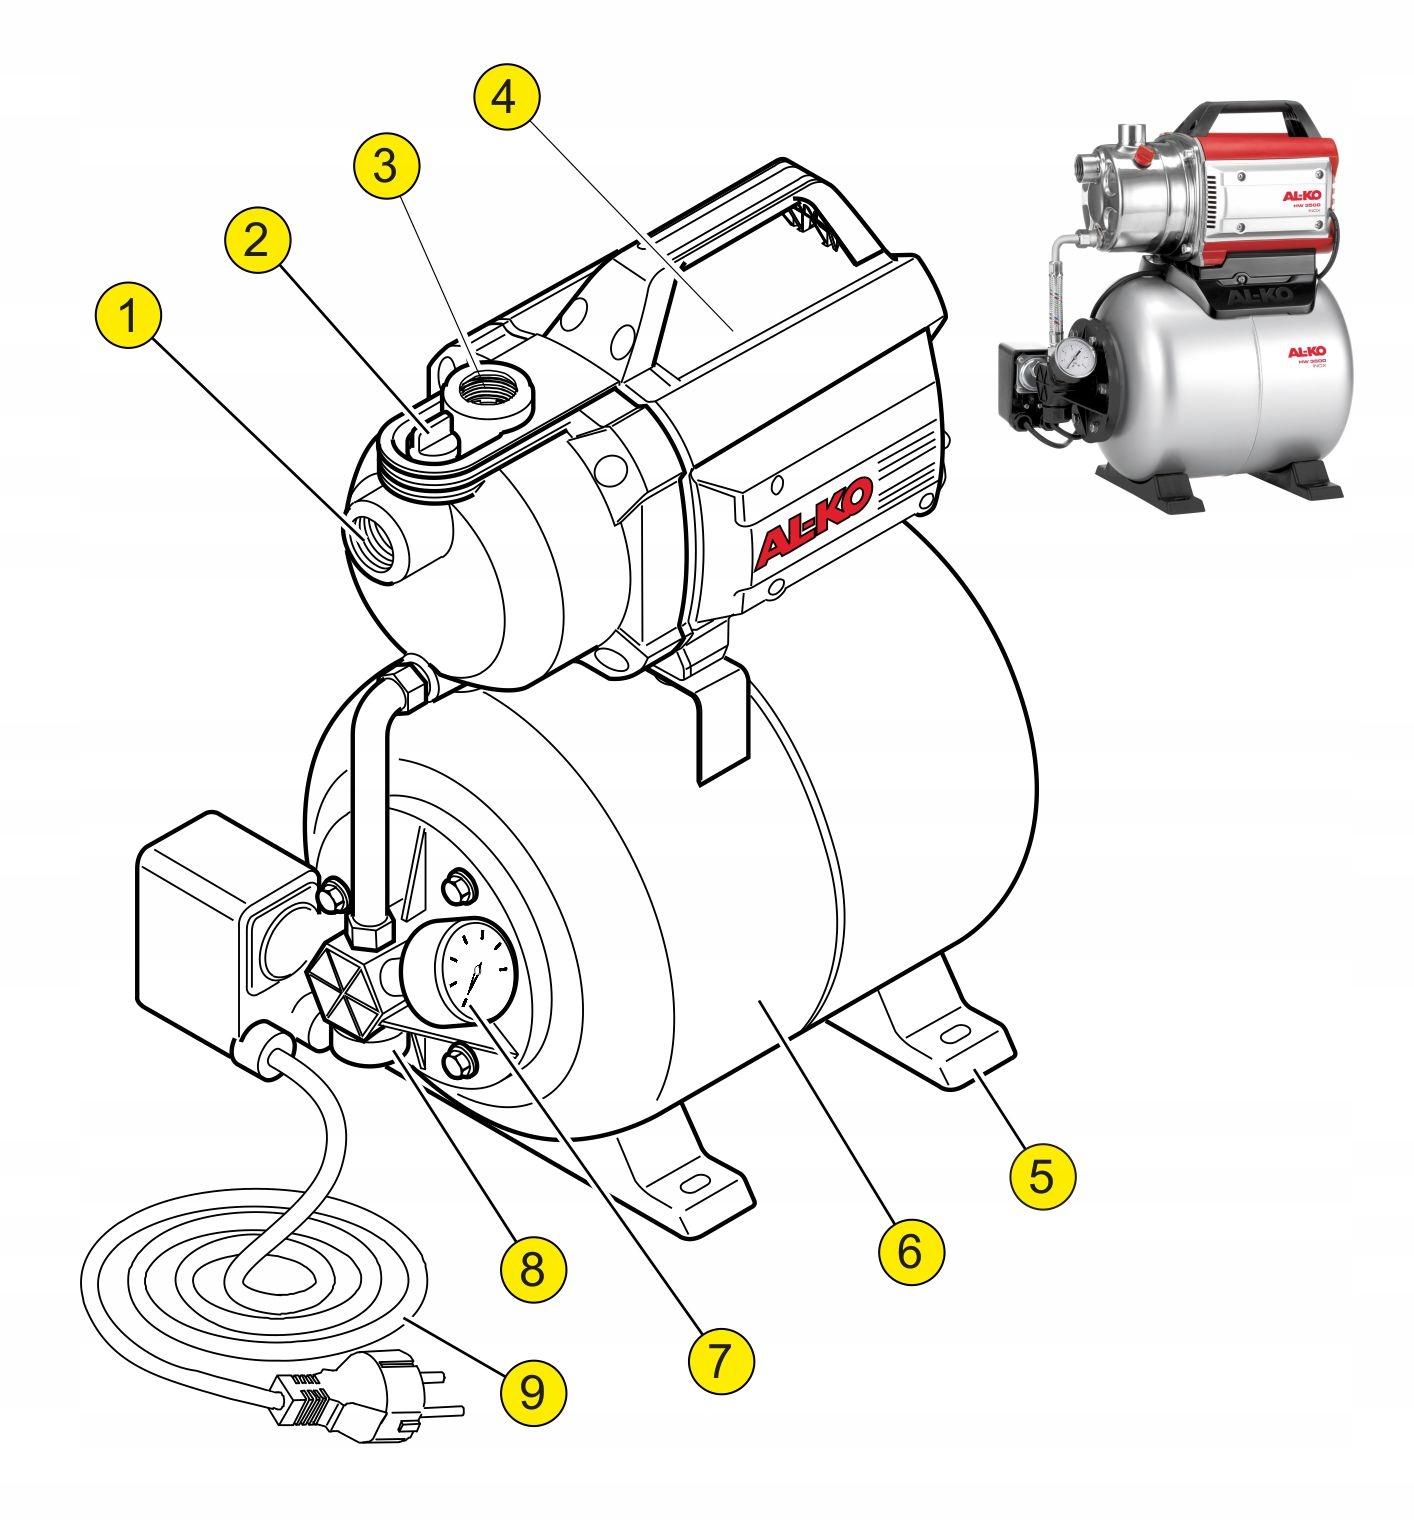 Не отключается реле давления воды для насоса домашней скважины: основные причины, почему не срабатывает на выключение